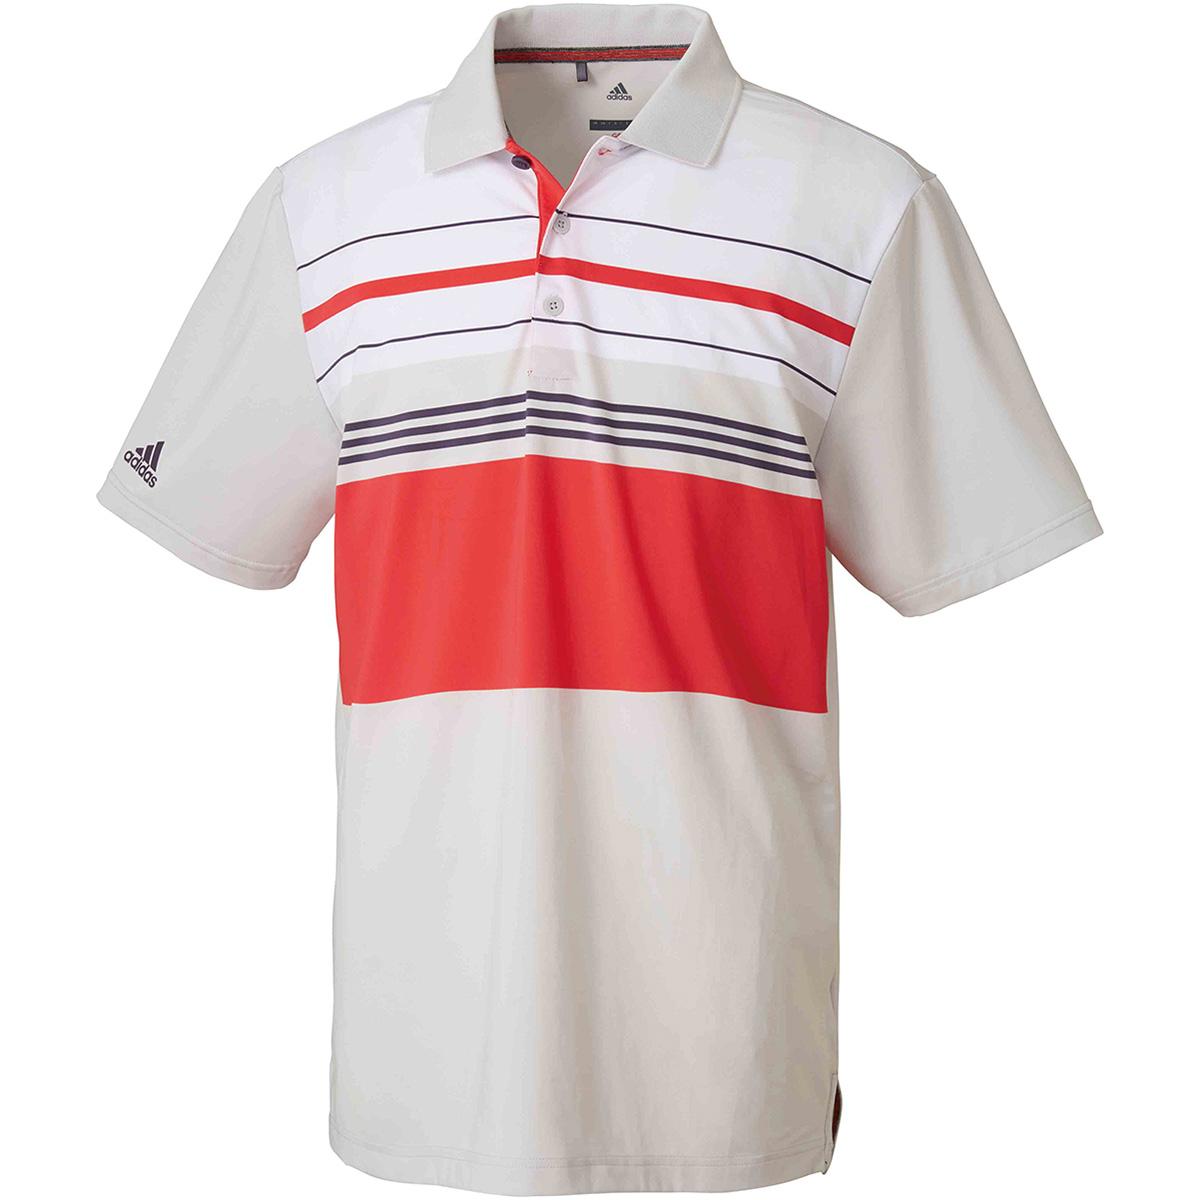 ストレッチ CP ULTIMATE365 マルチストライプ 半袖ポロシャツ